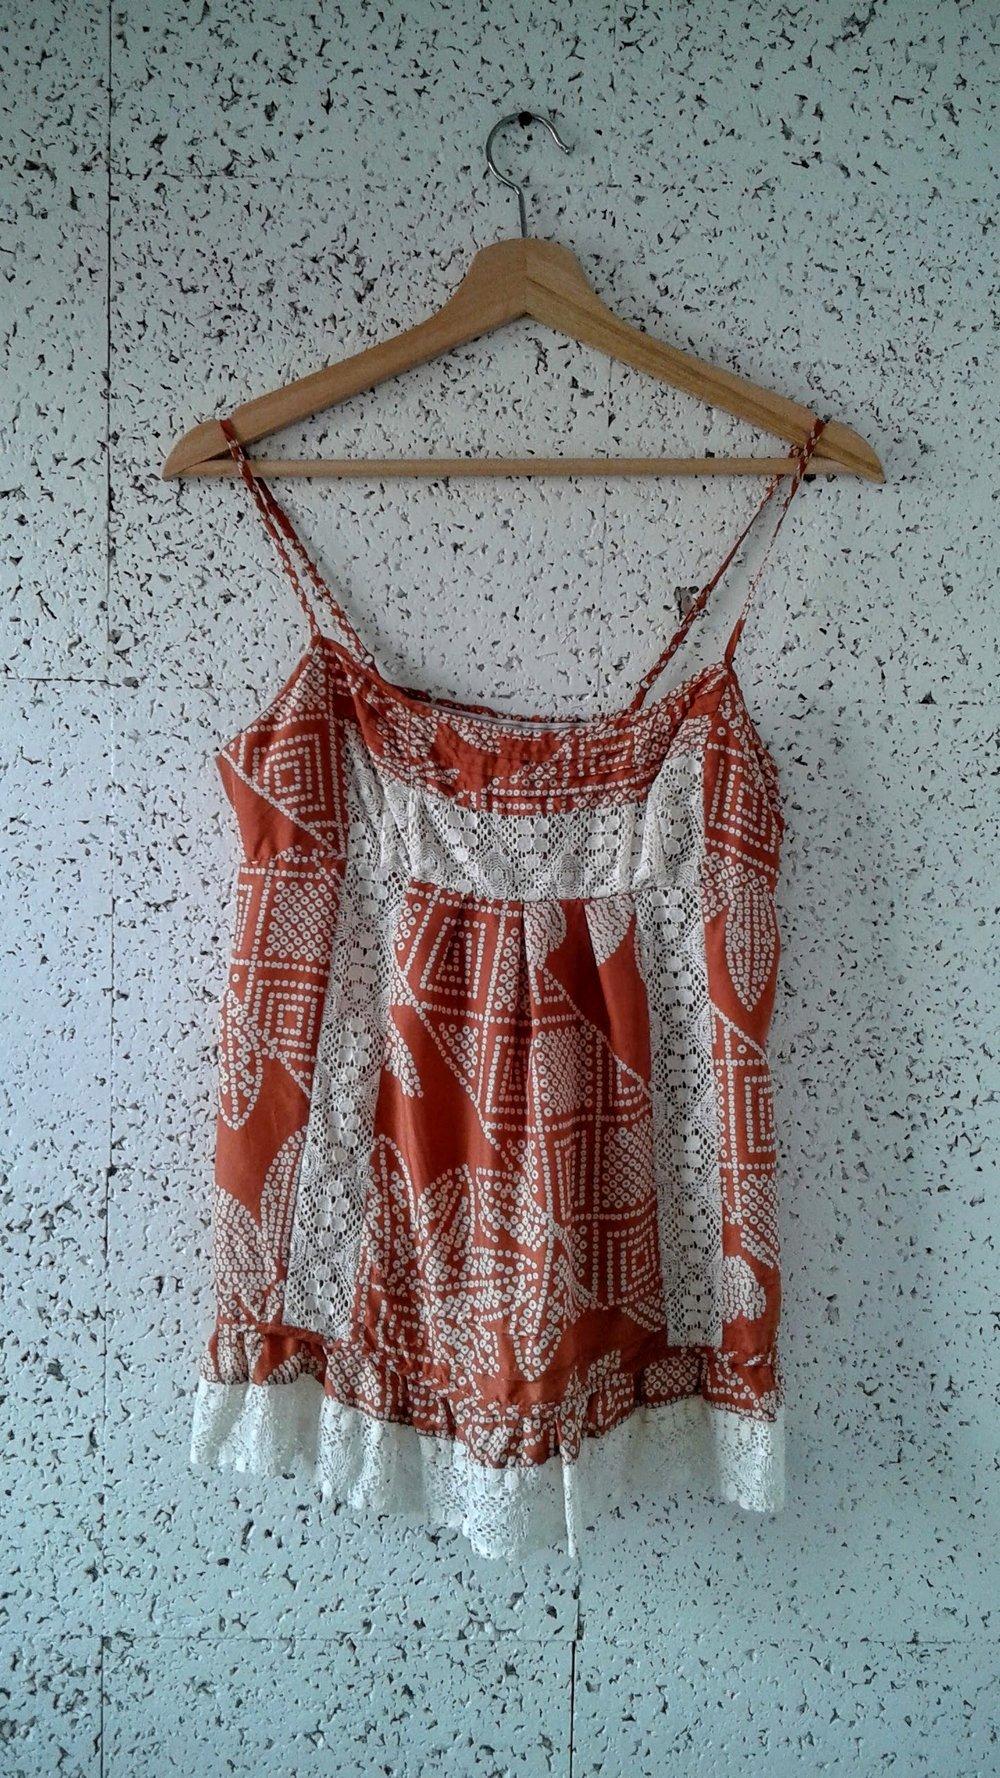 BCBG Max Azria top; Size S, $24